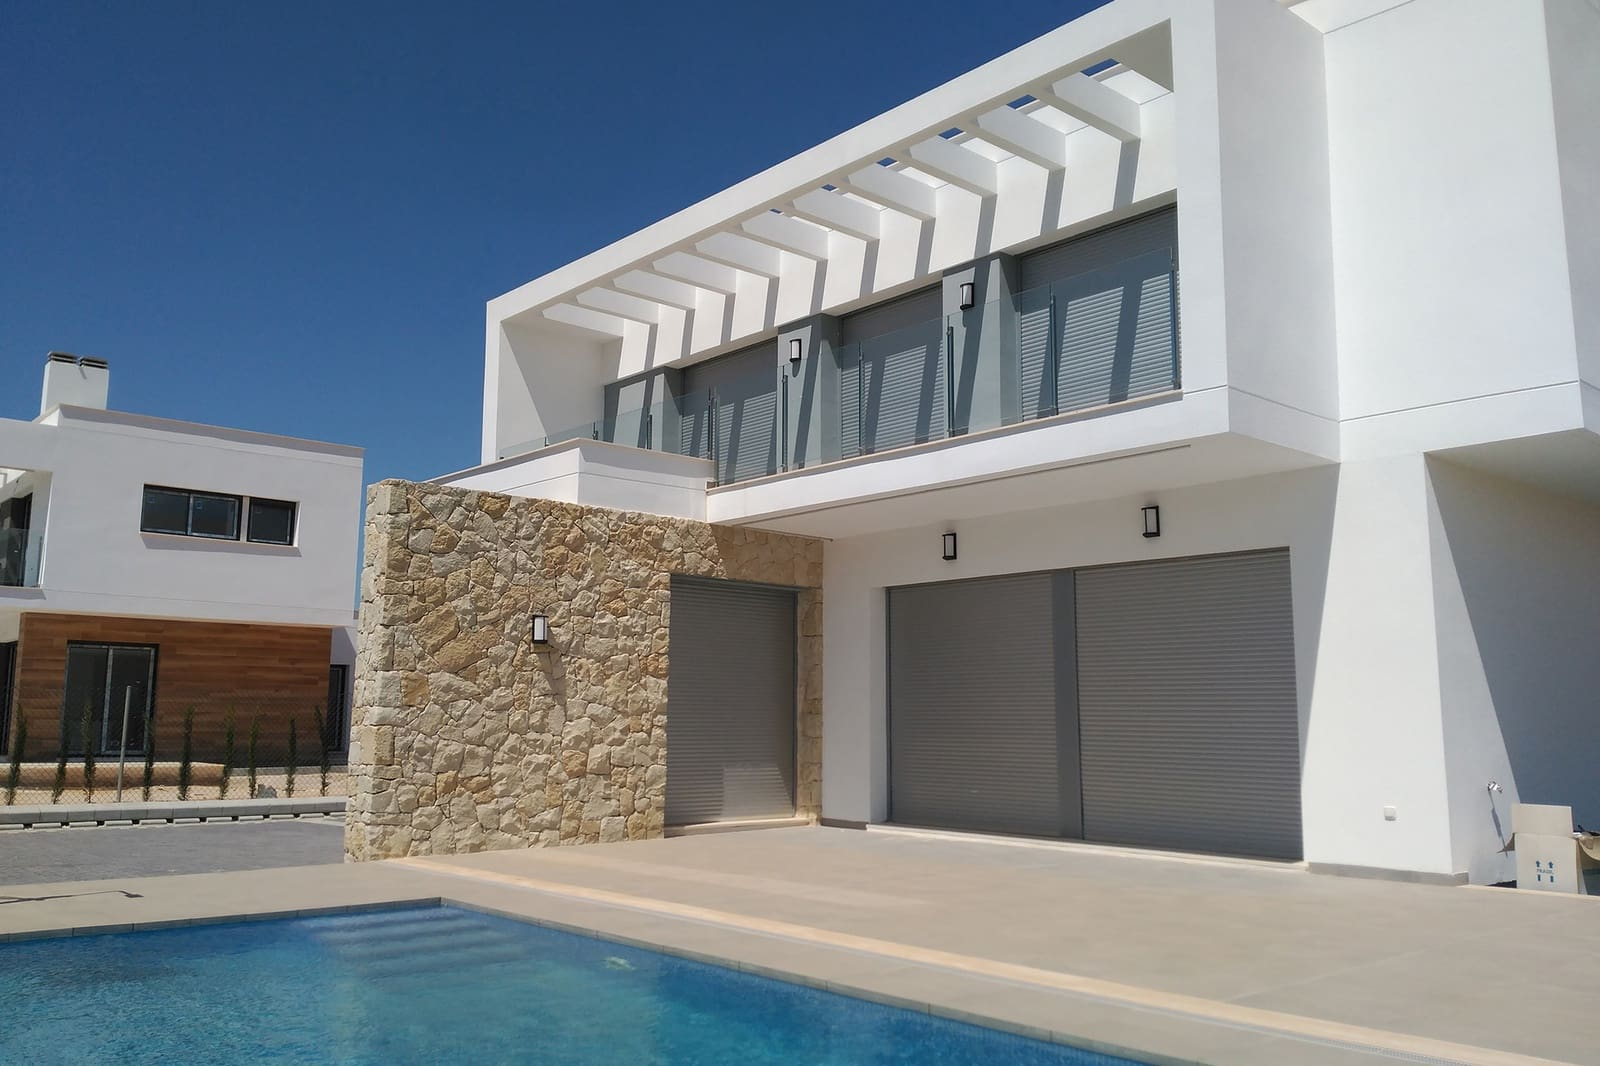 Chalet de 4 habitaciones en Orihuela en venta con piscina - 379.000 € (Ref: 4893614)